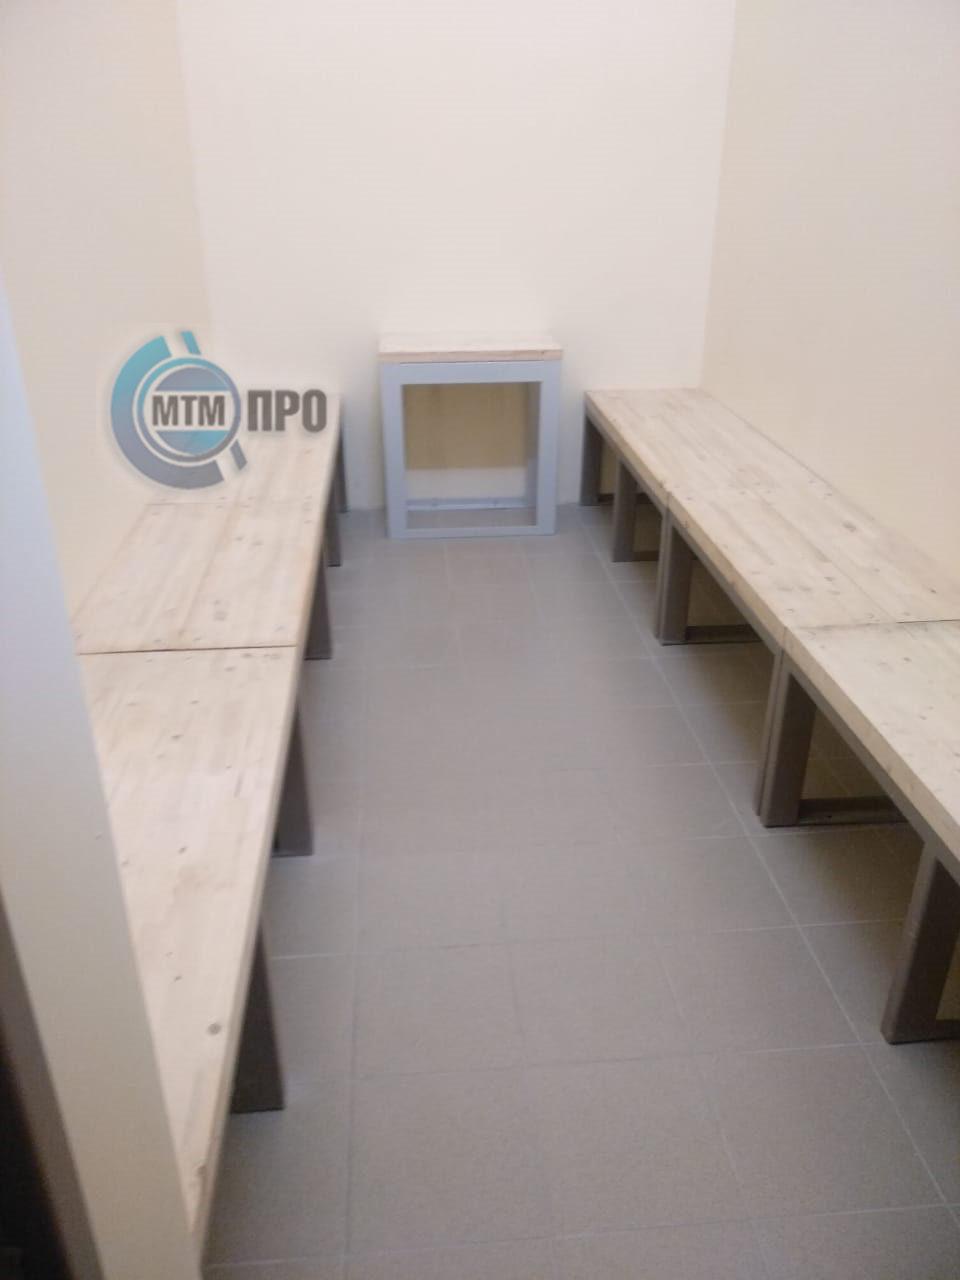 Мебель для судов